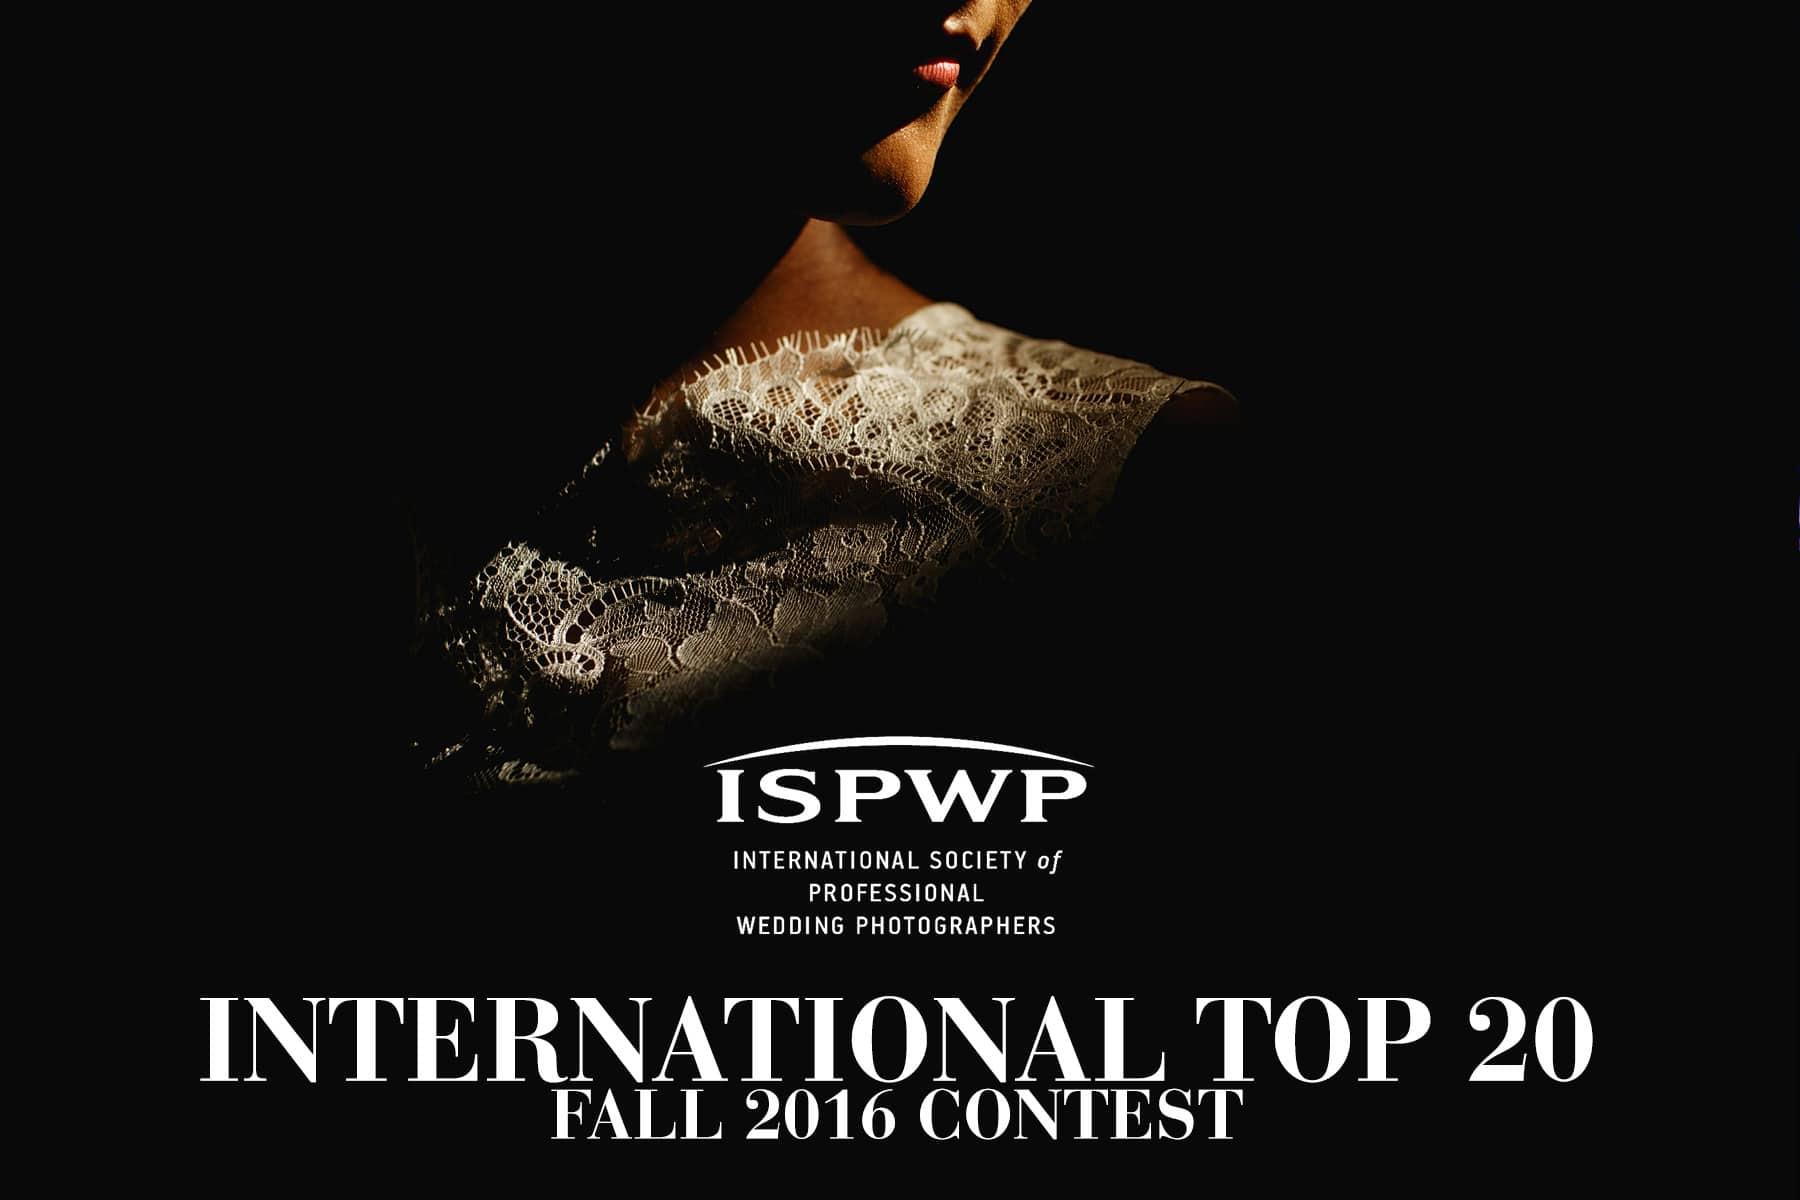 ispwp top 20 award winner uk